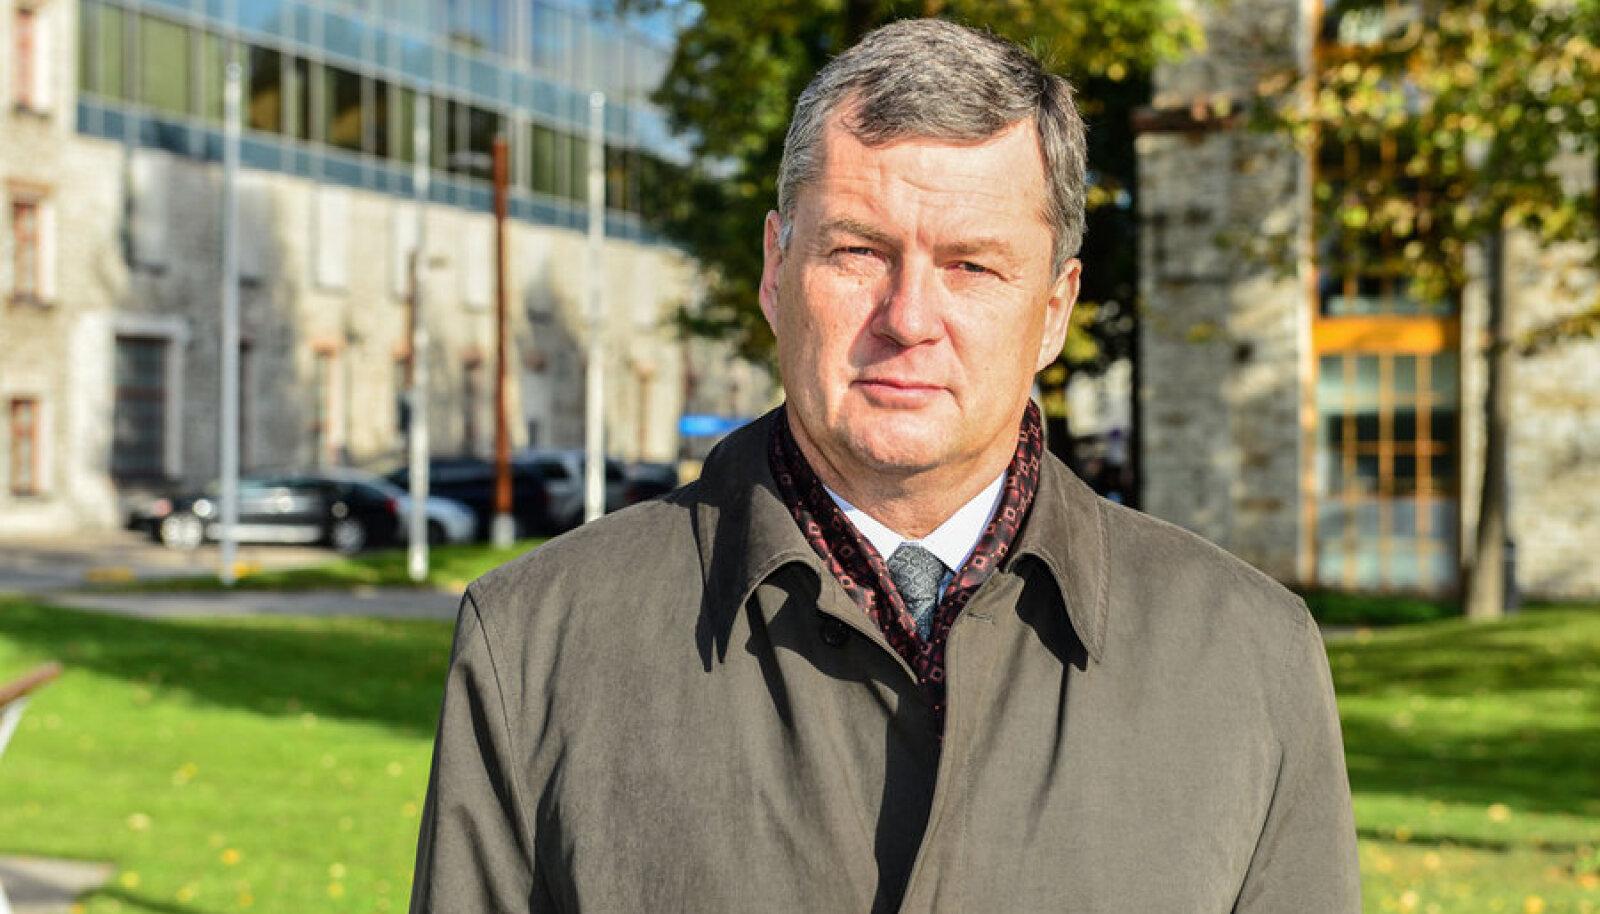 Ehitajast arendajaks hakanud Toomas Aak ütleb, et Eestil on vaja leida tee, kus mõne sektori areng ei sõltuks ainult toetustest.